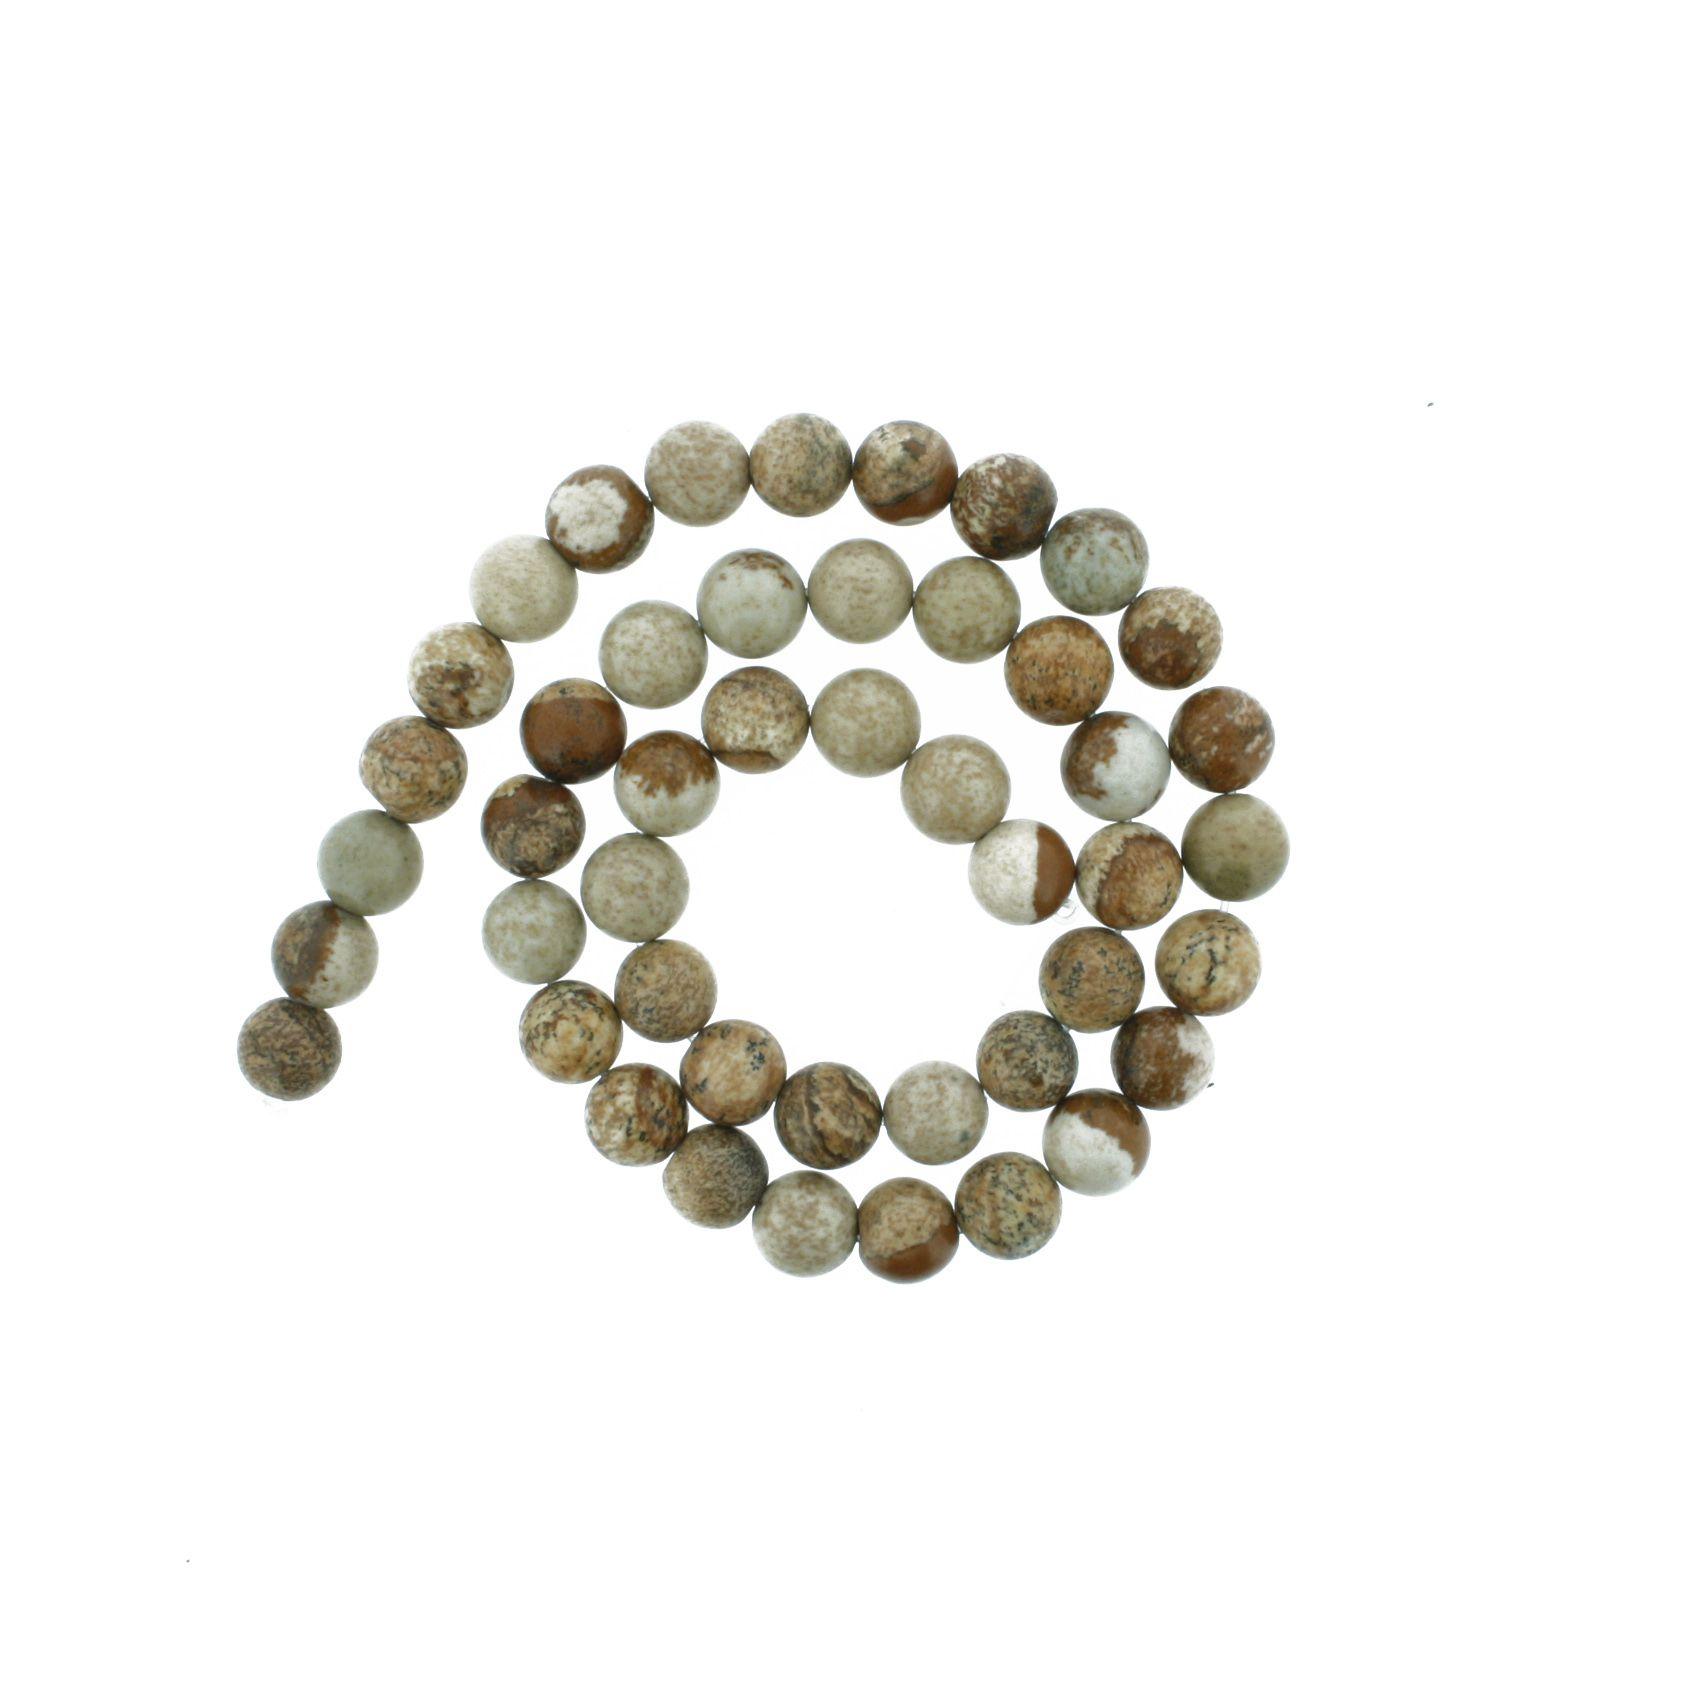 Fio de Pedra - Jaspe Madeira - 8mm  - Stéphanie Bijoux® - Peças para Bijuterias e Artesanato